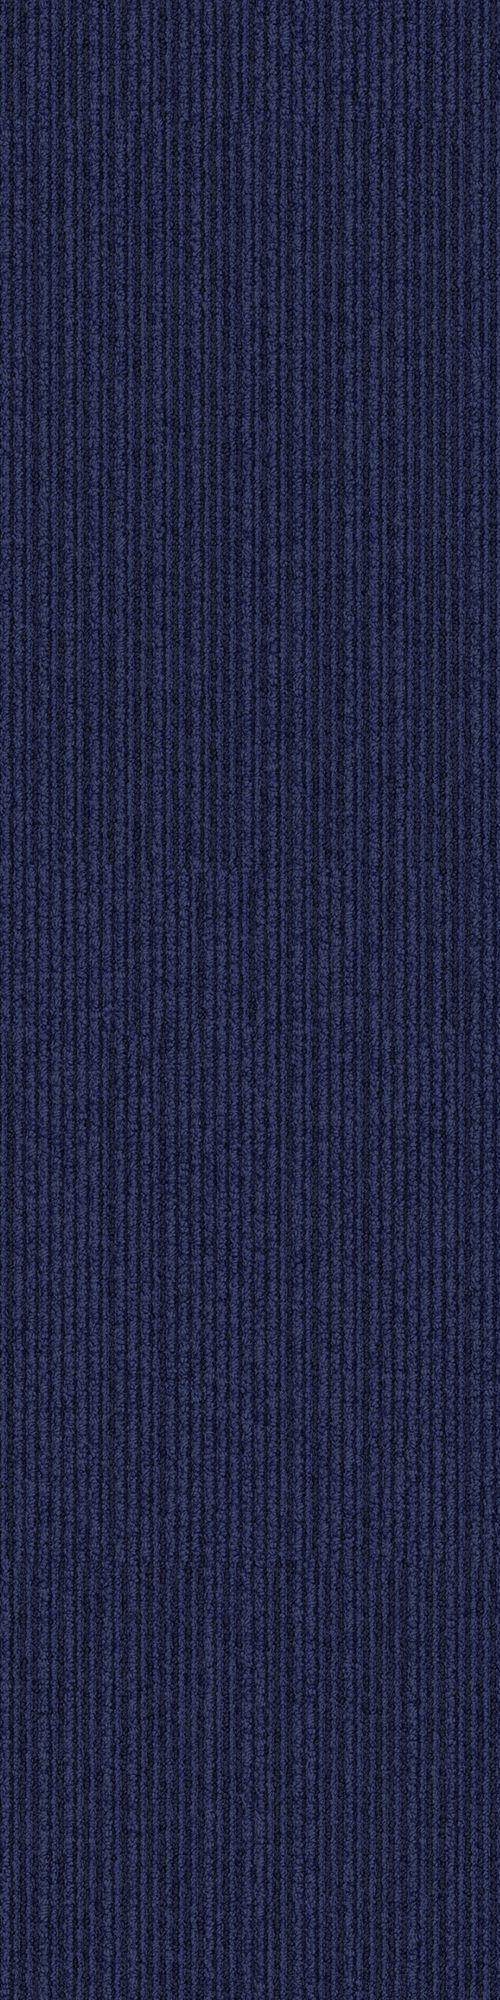 Interface carpet tile: On Line Color name: Cobalt